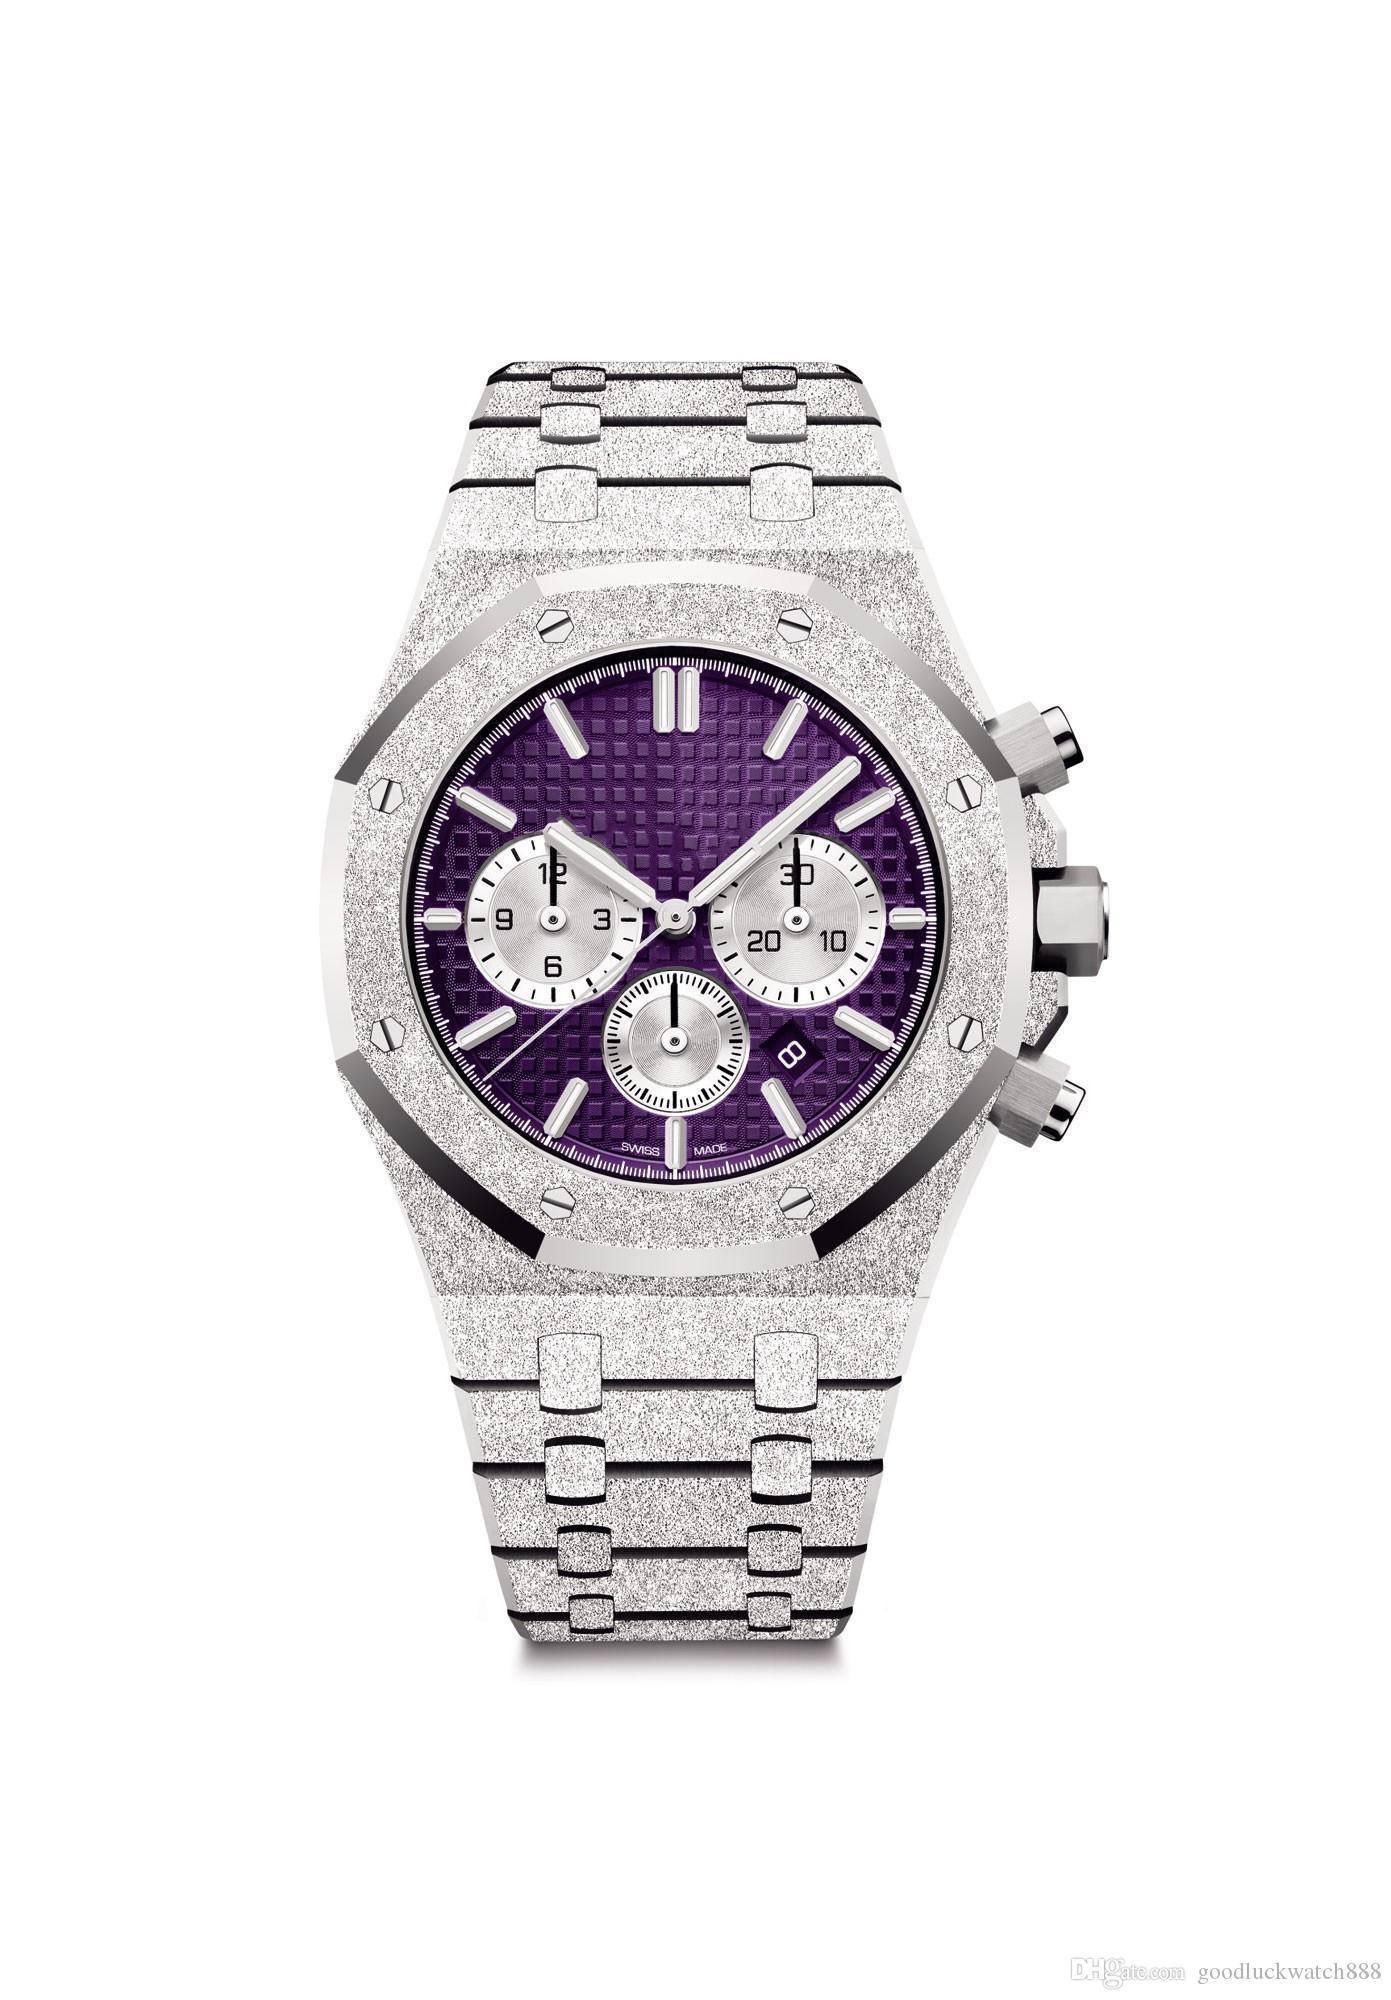 Designer montres série chêne royal 26331 quartz 41mm montres traitement de l'or 18 k montres hommes de luxe de platine